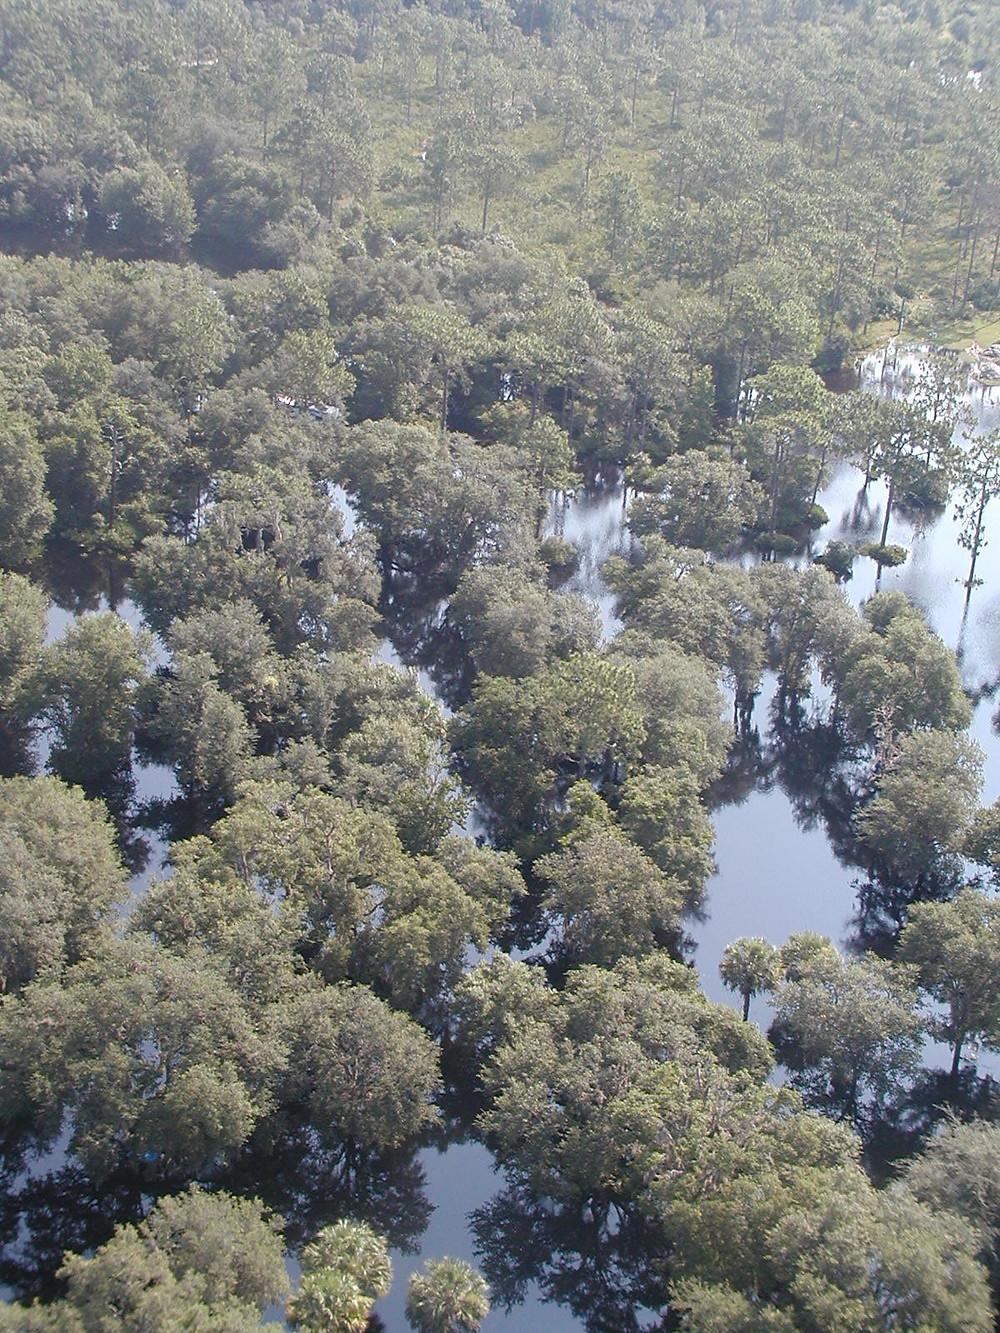 Swamp habitat